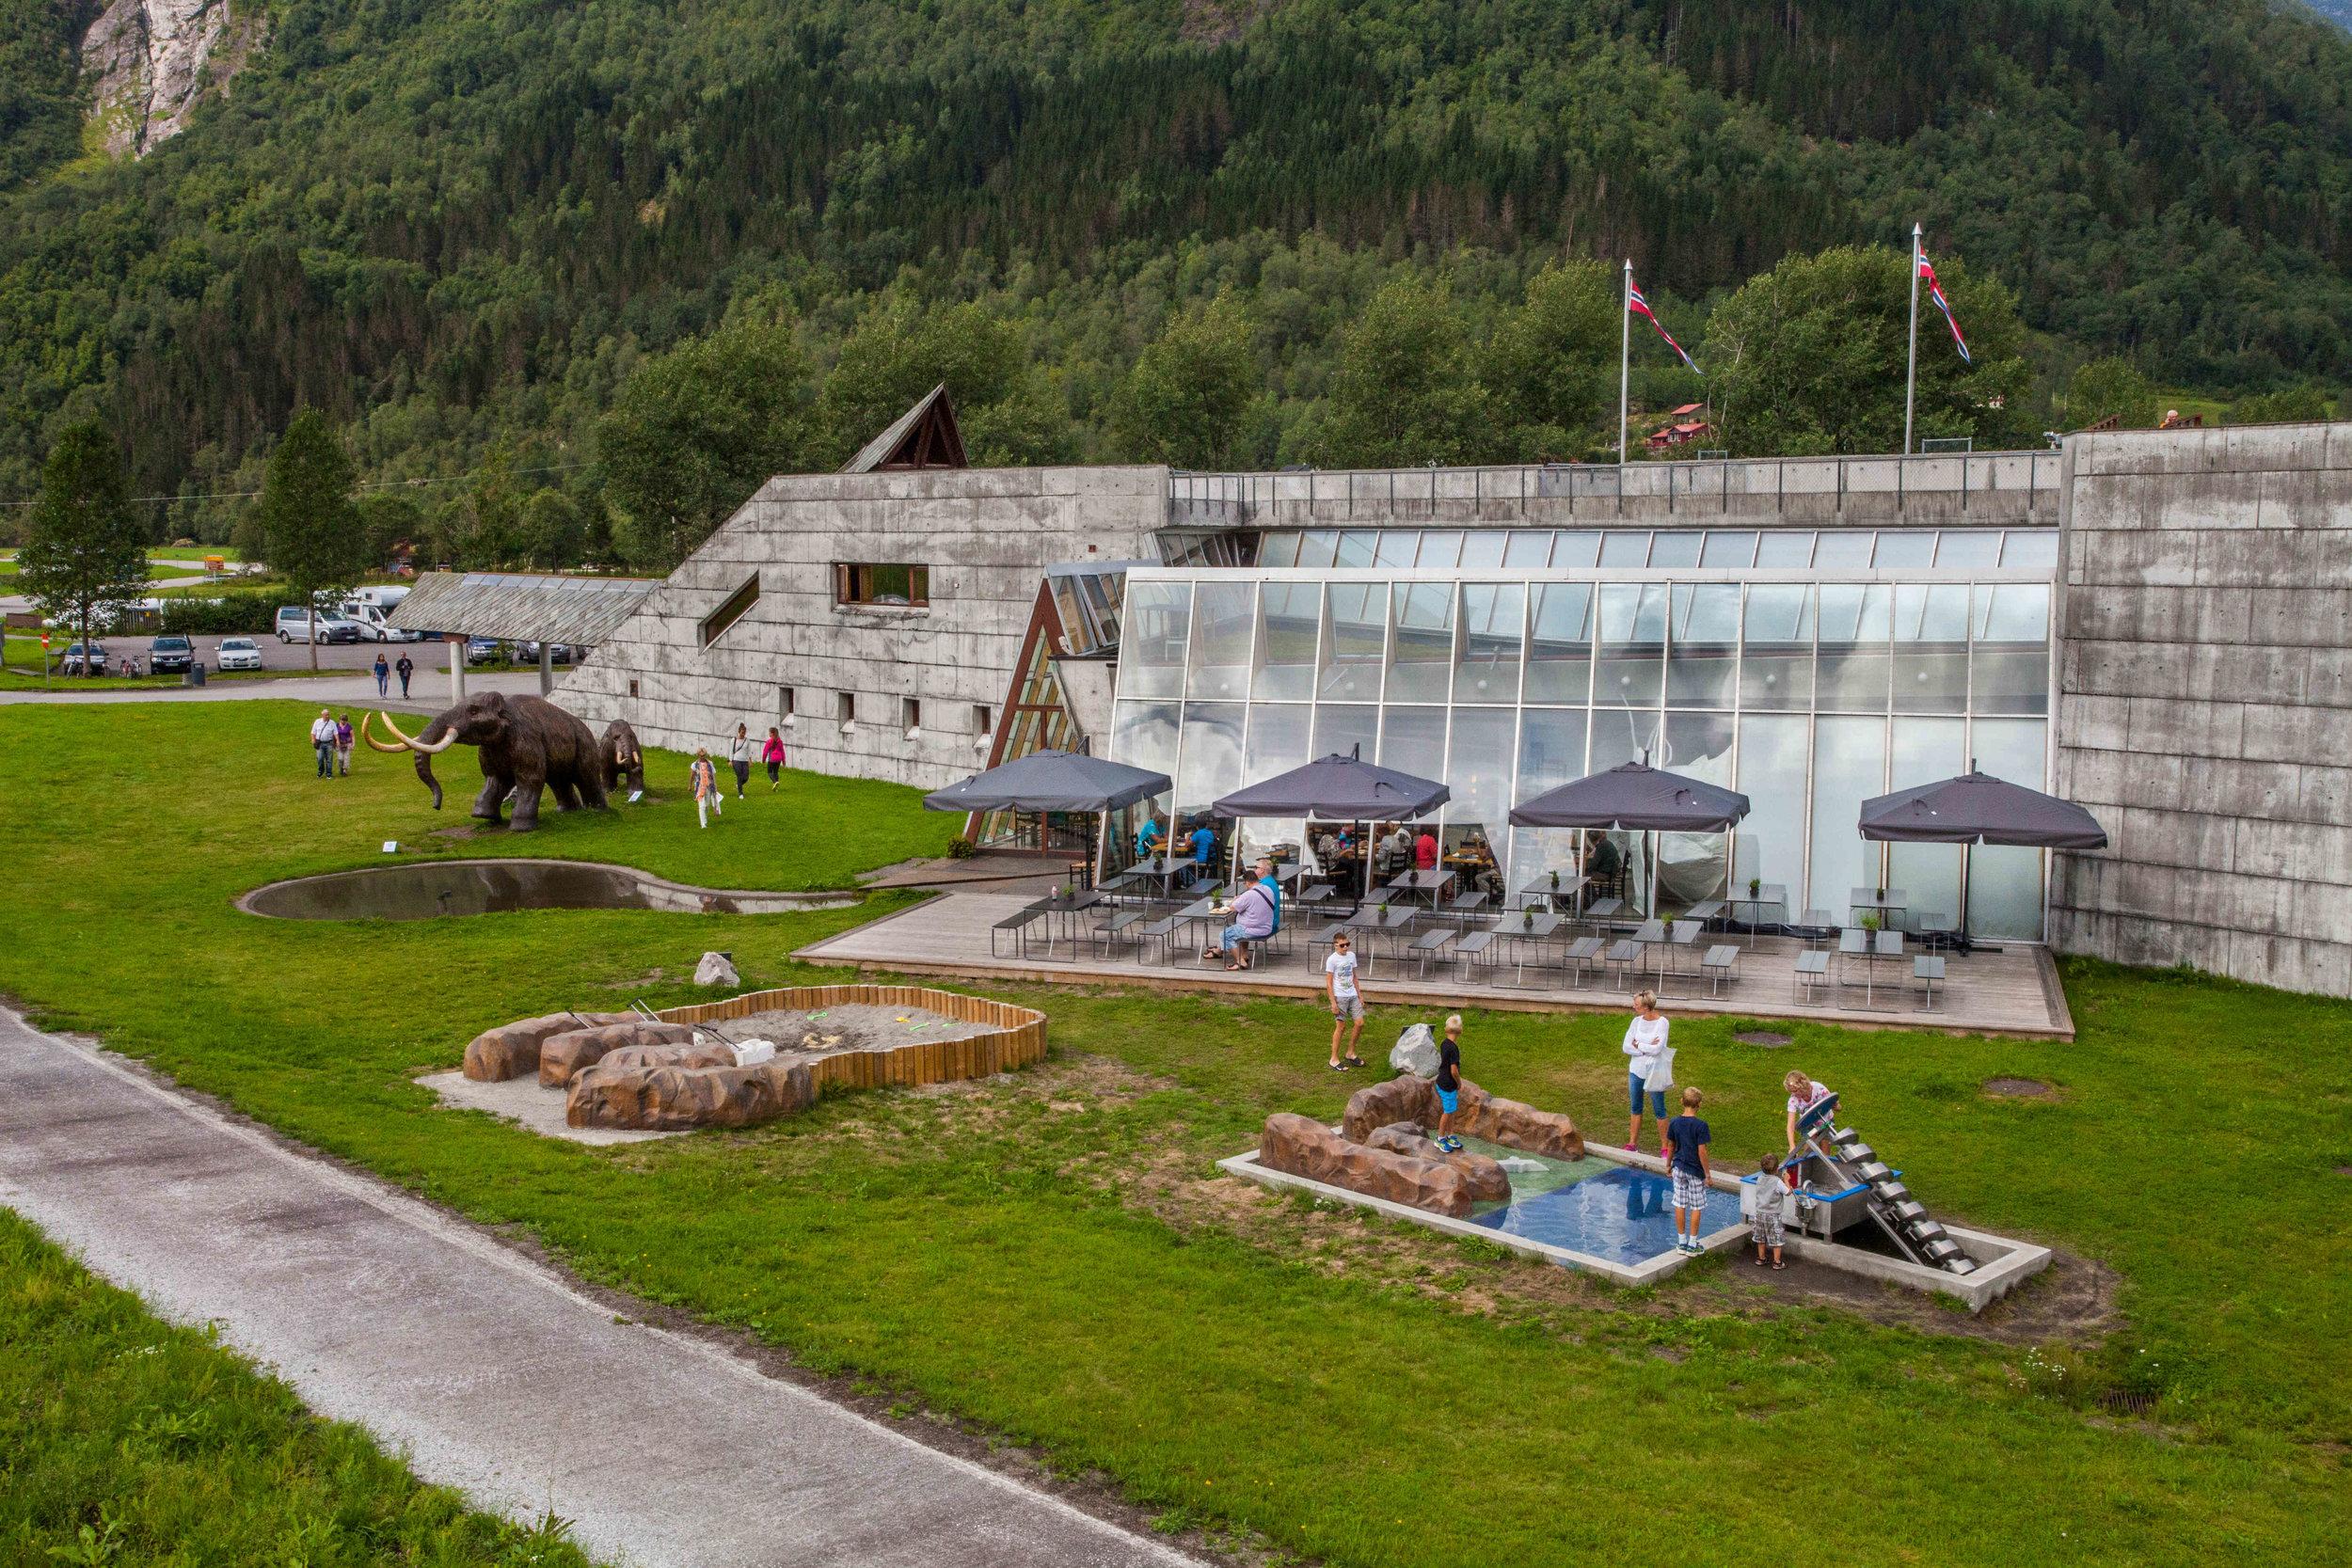 Les espaces extérieurs avec le Terrain de jeu éducatif. Photo : Gaute Dvergsdal Bøyum.